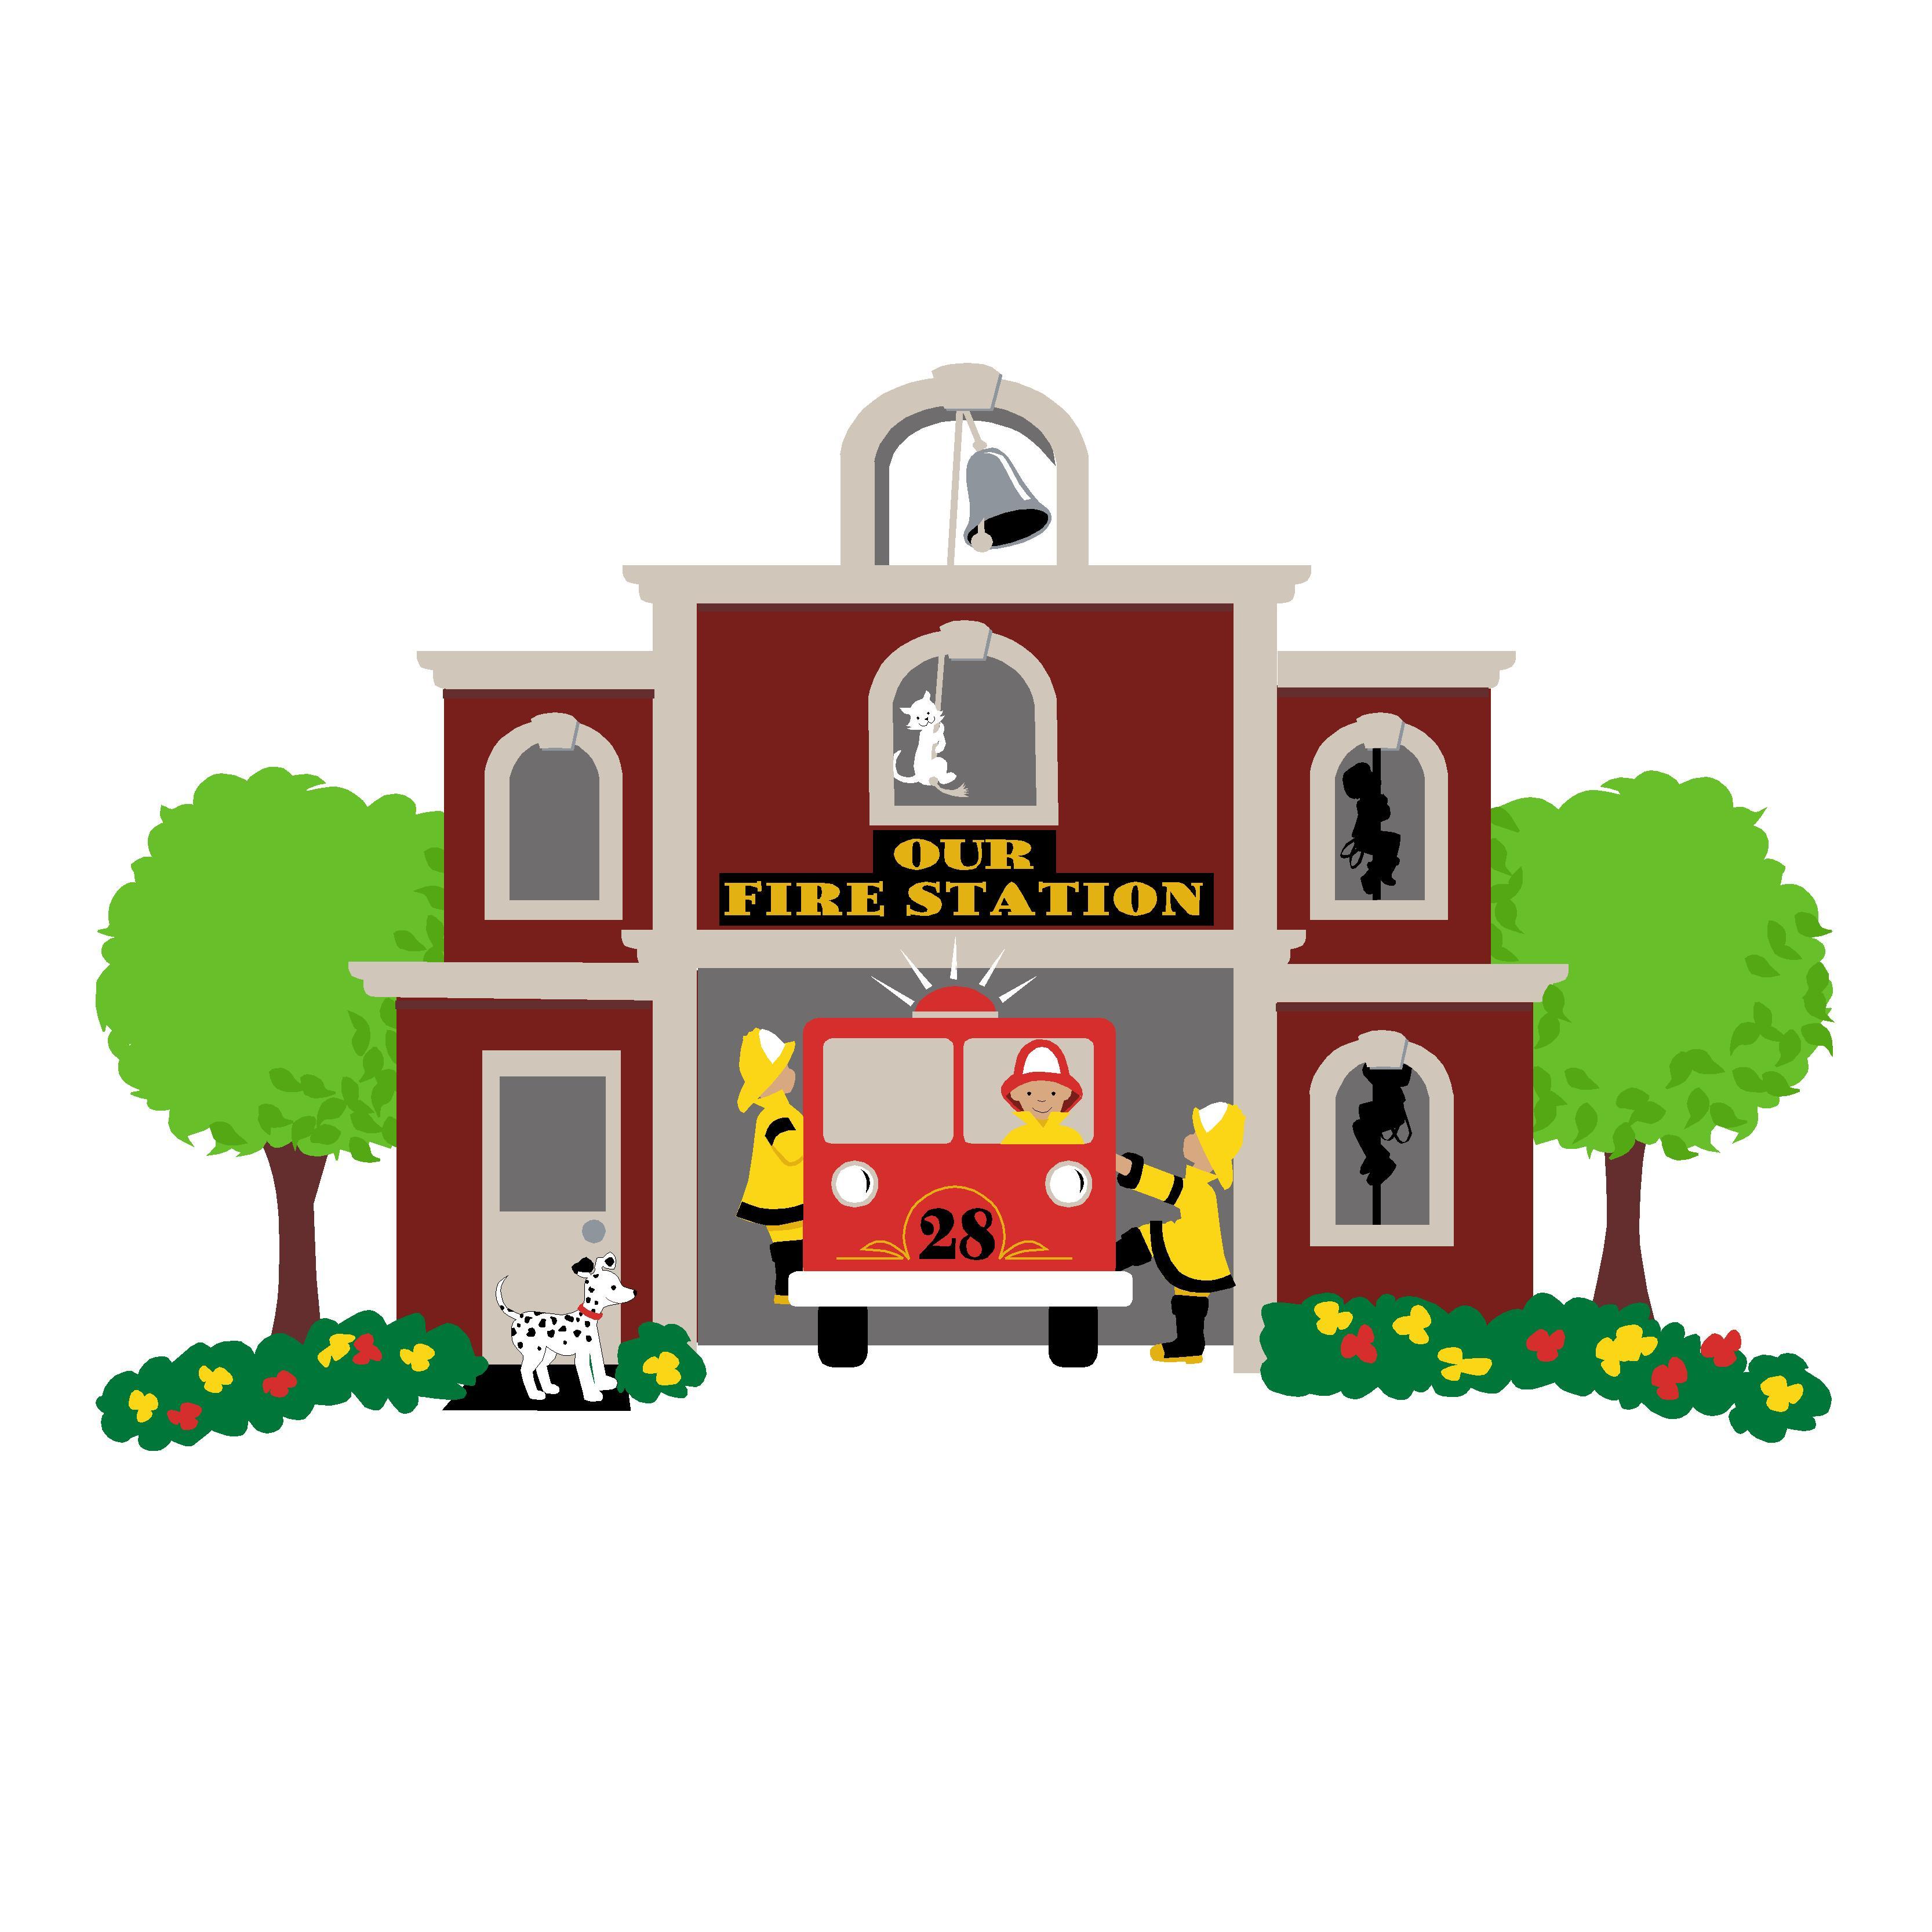 Firefighter clipart fire house. Department clip art look